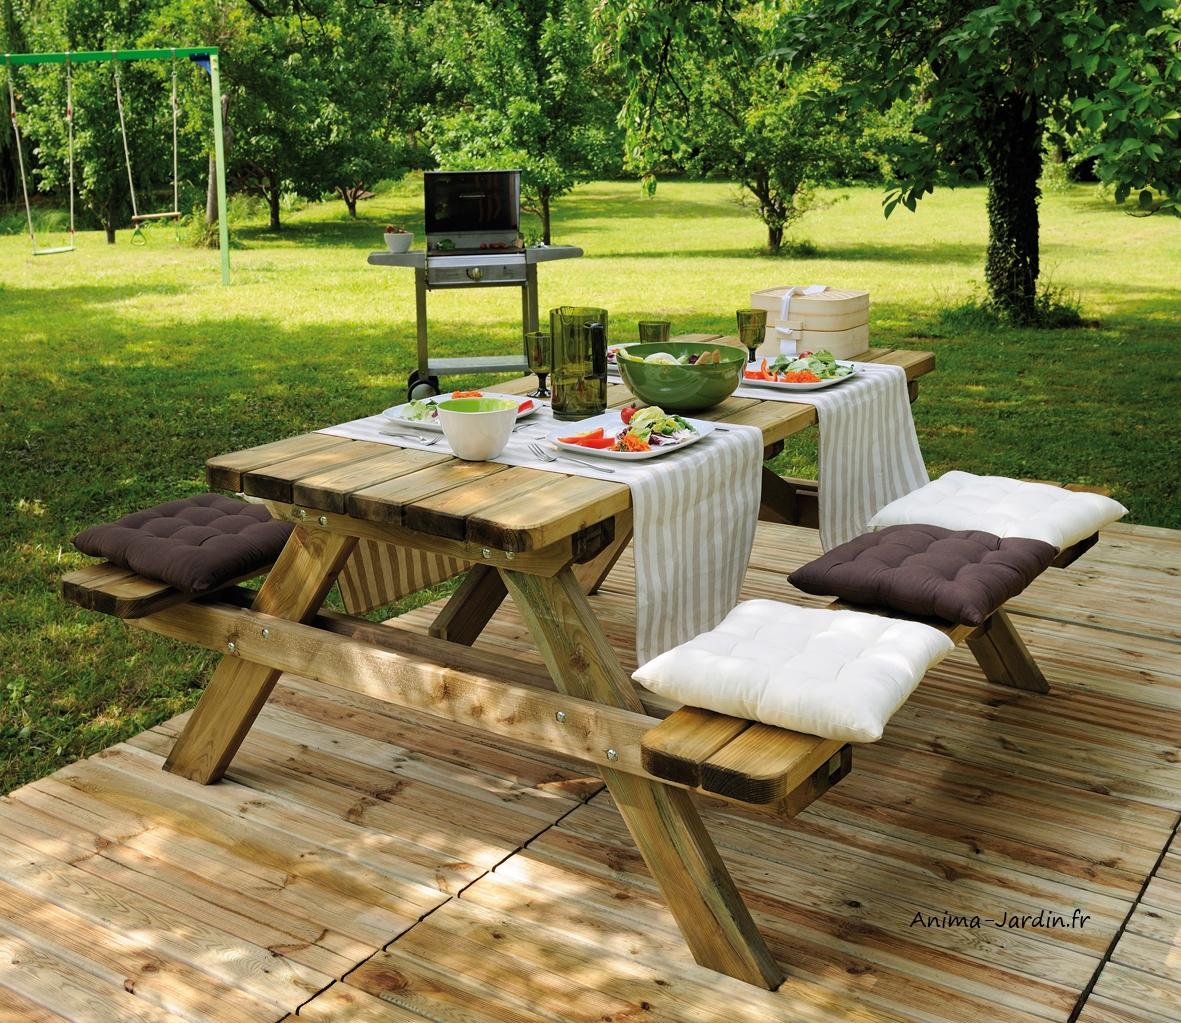 Table-forestière-robuste-180cm-bois-traité-autoclave-anima-jardin.fr